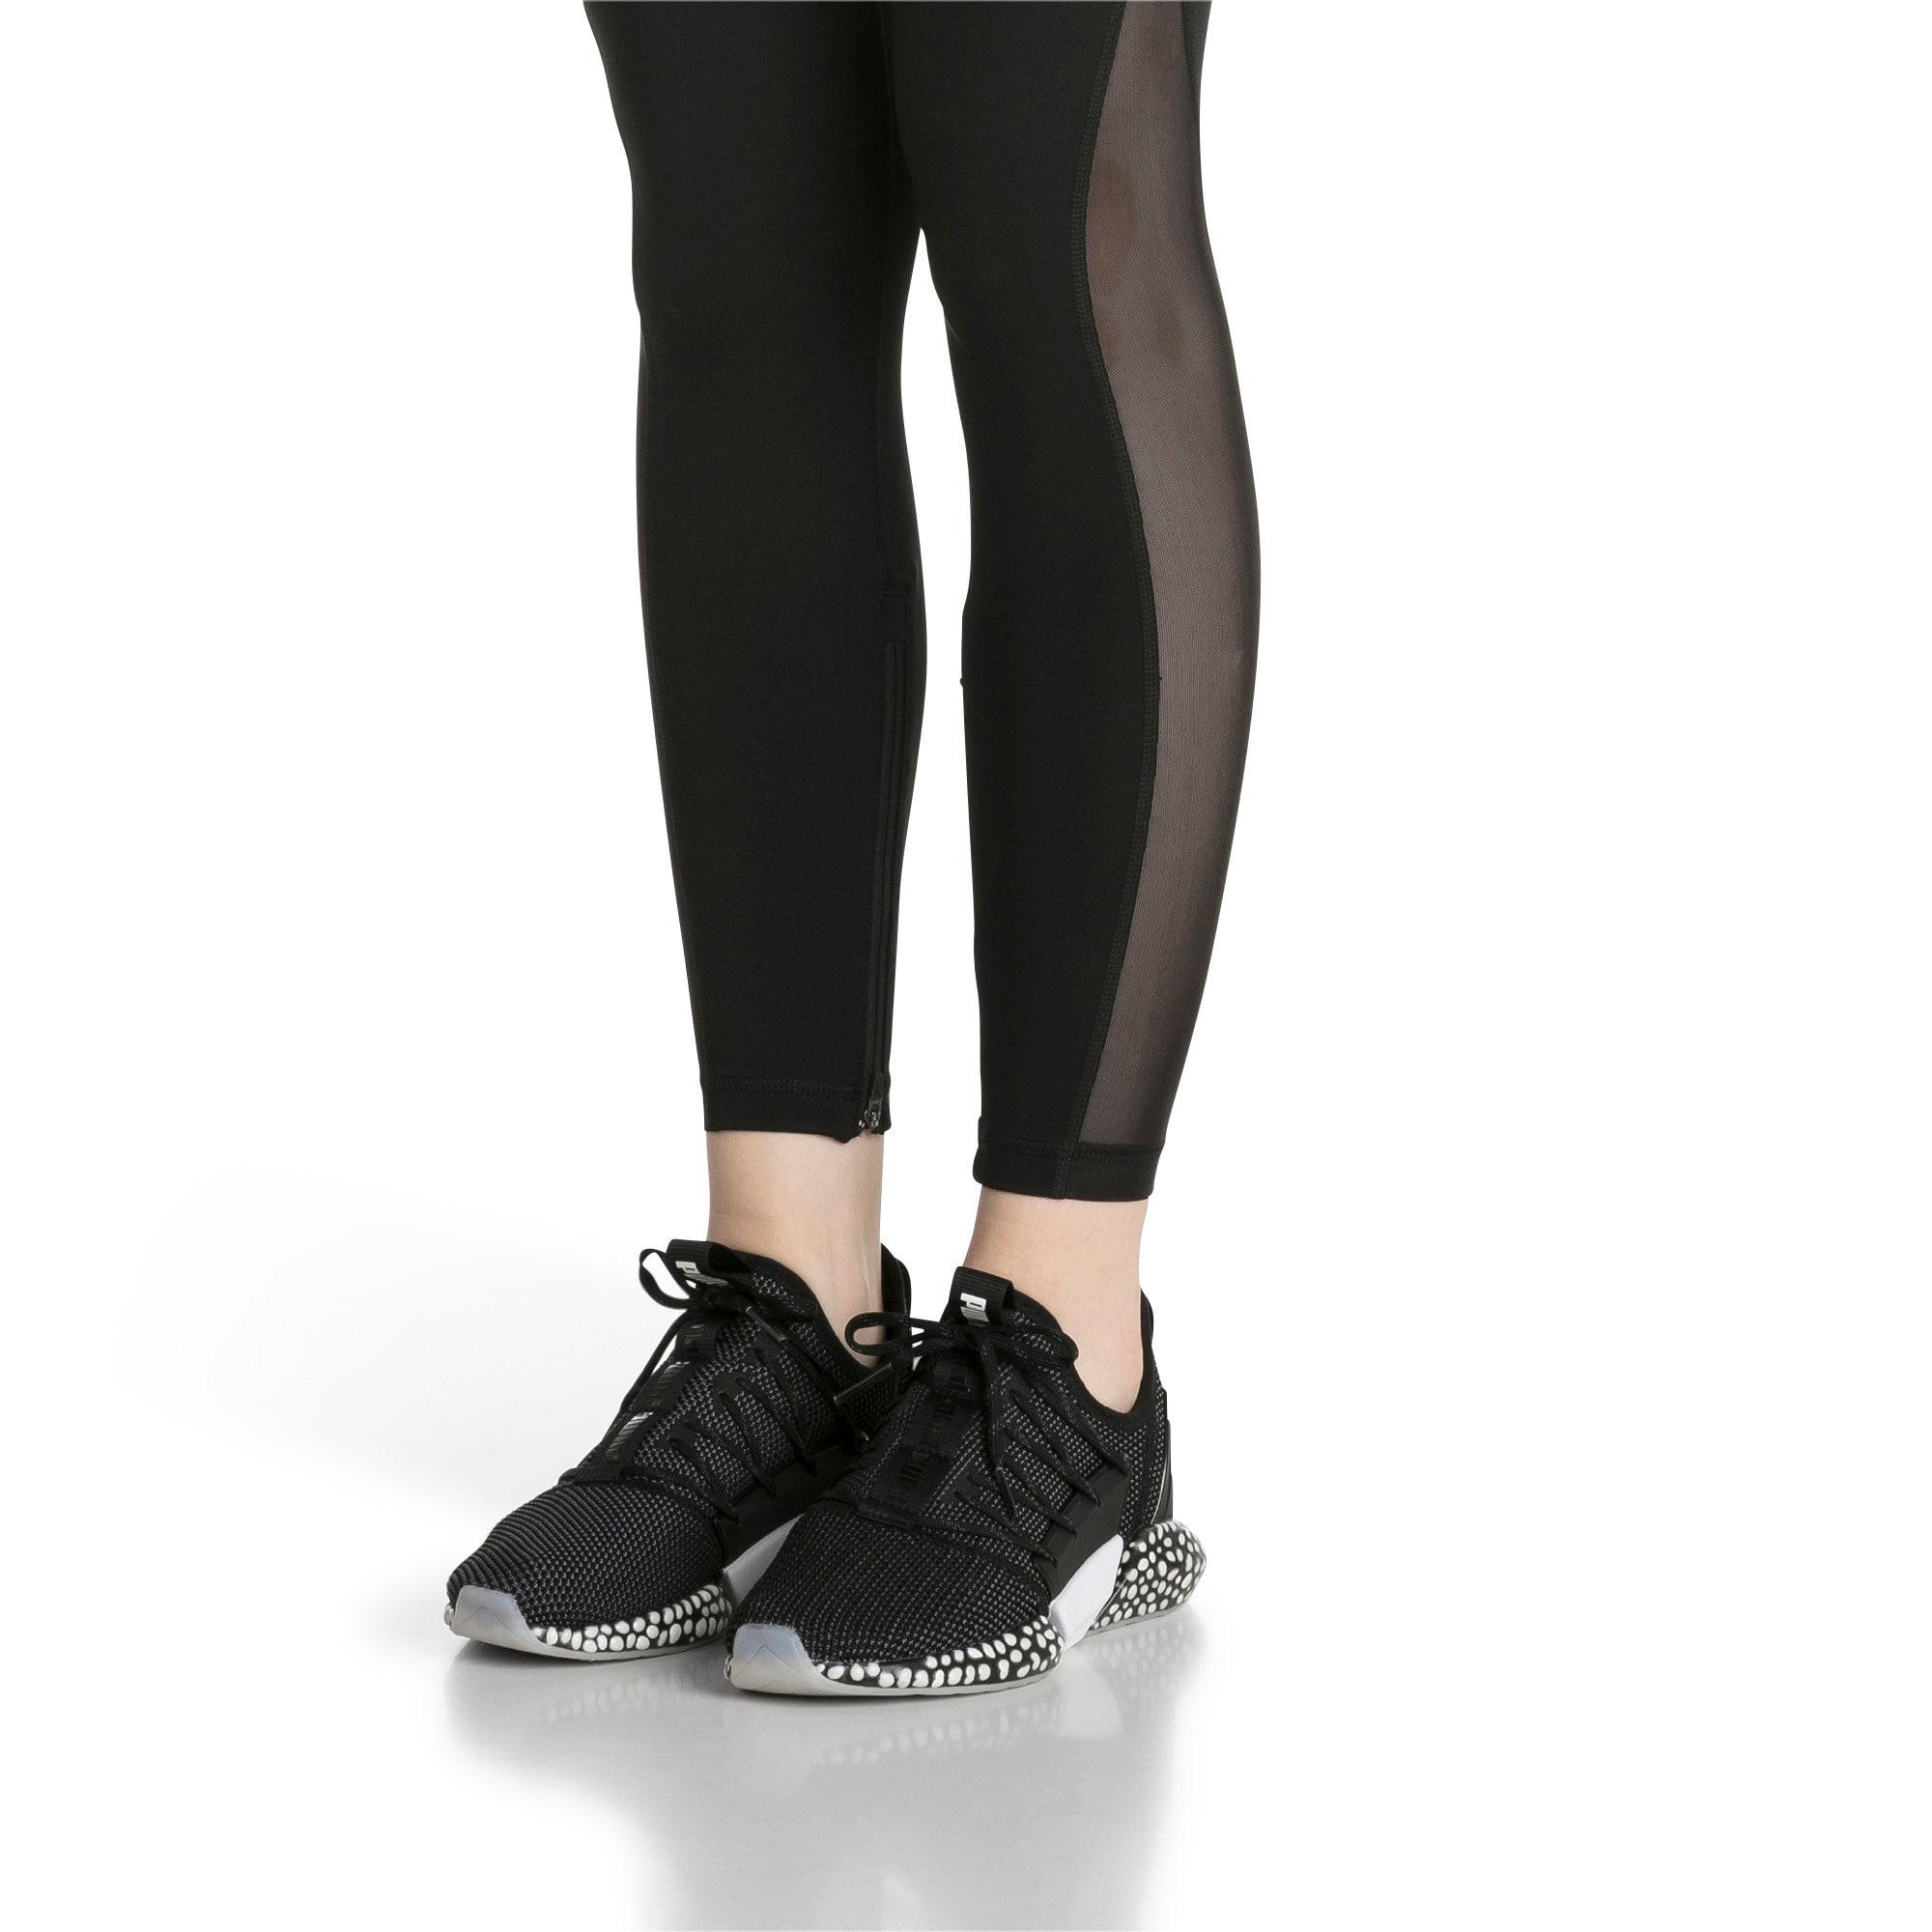 Thumbnail 8 of HYBRID Rocket Runner Women's Running Shoes, Black-Iron Gate-White, medium